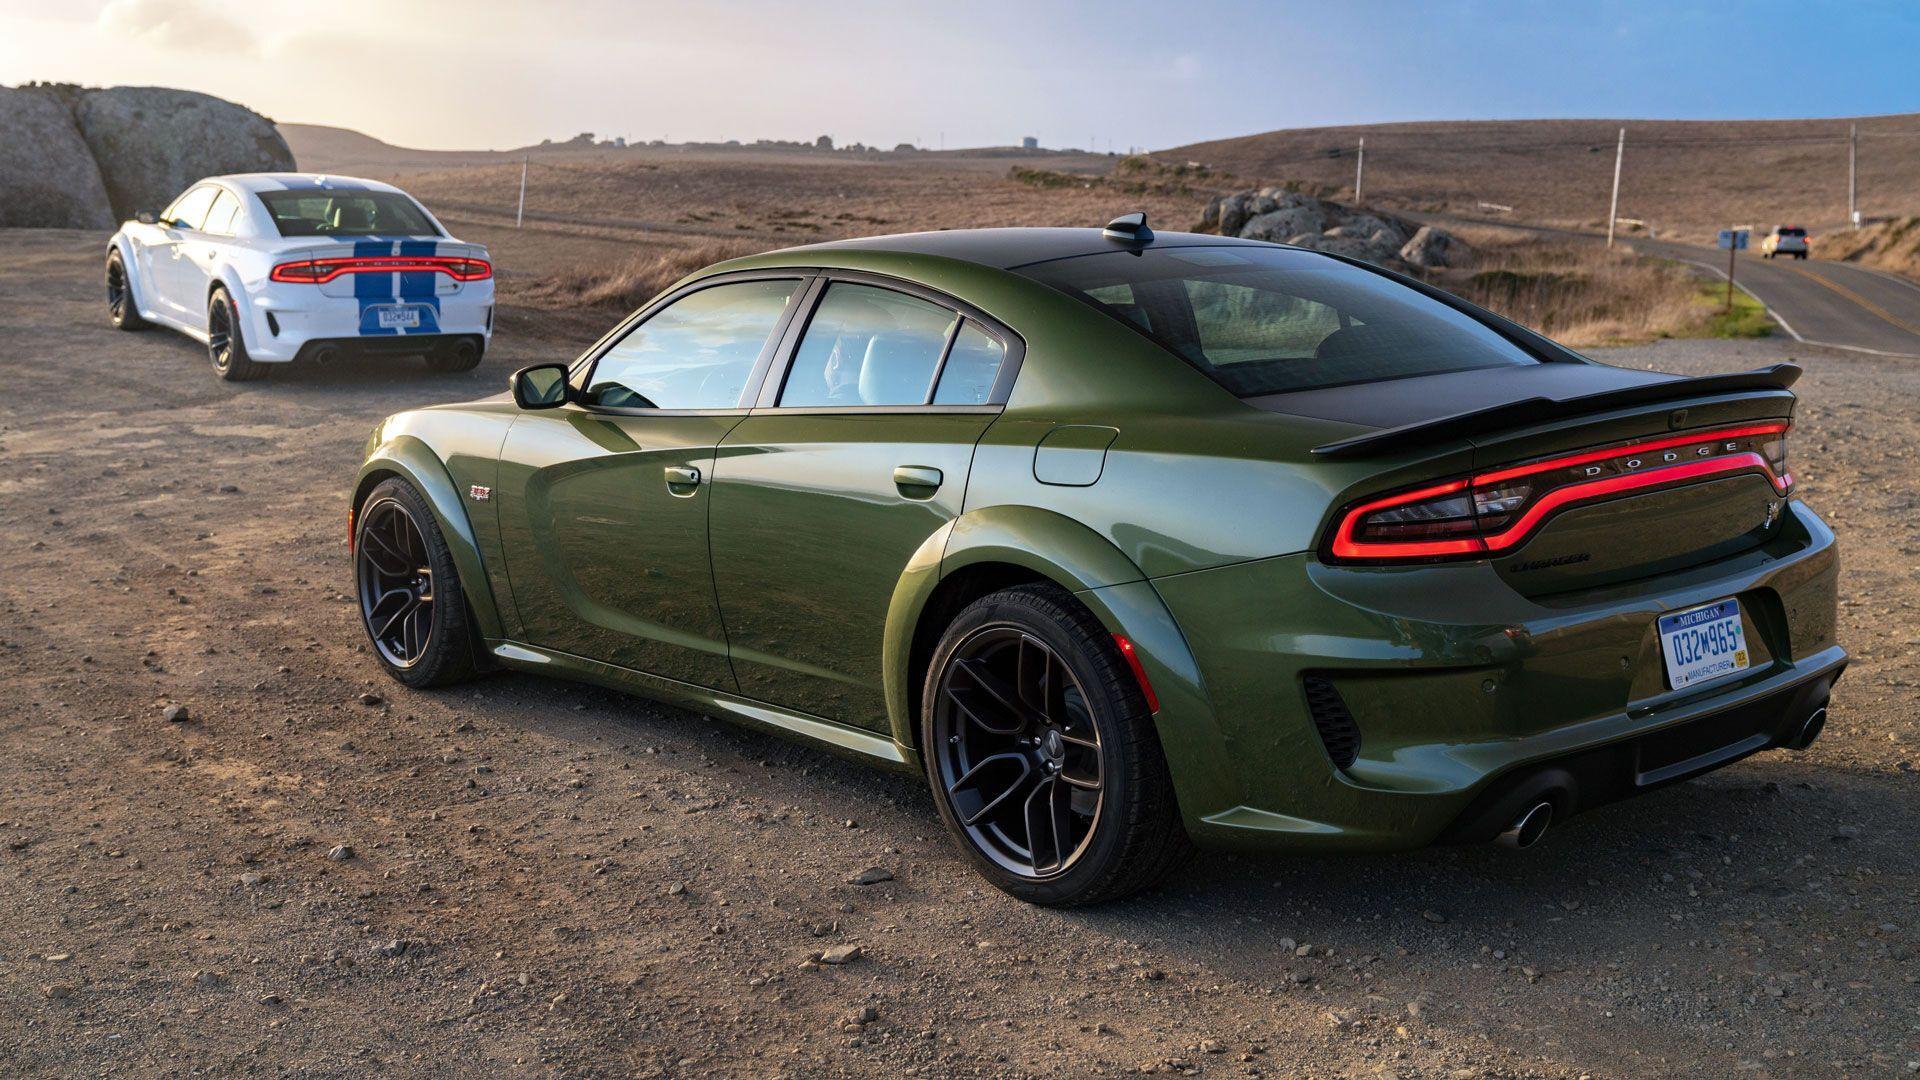 Только в Мичигане за год украли более 1000 спортседанов Dodge Charger